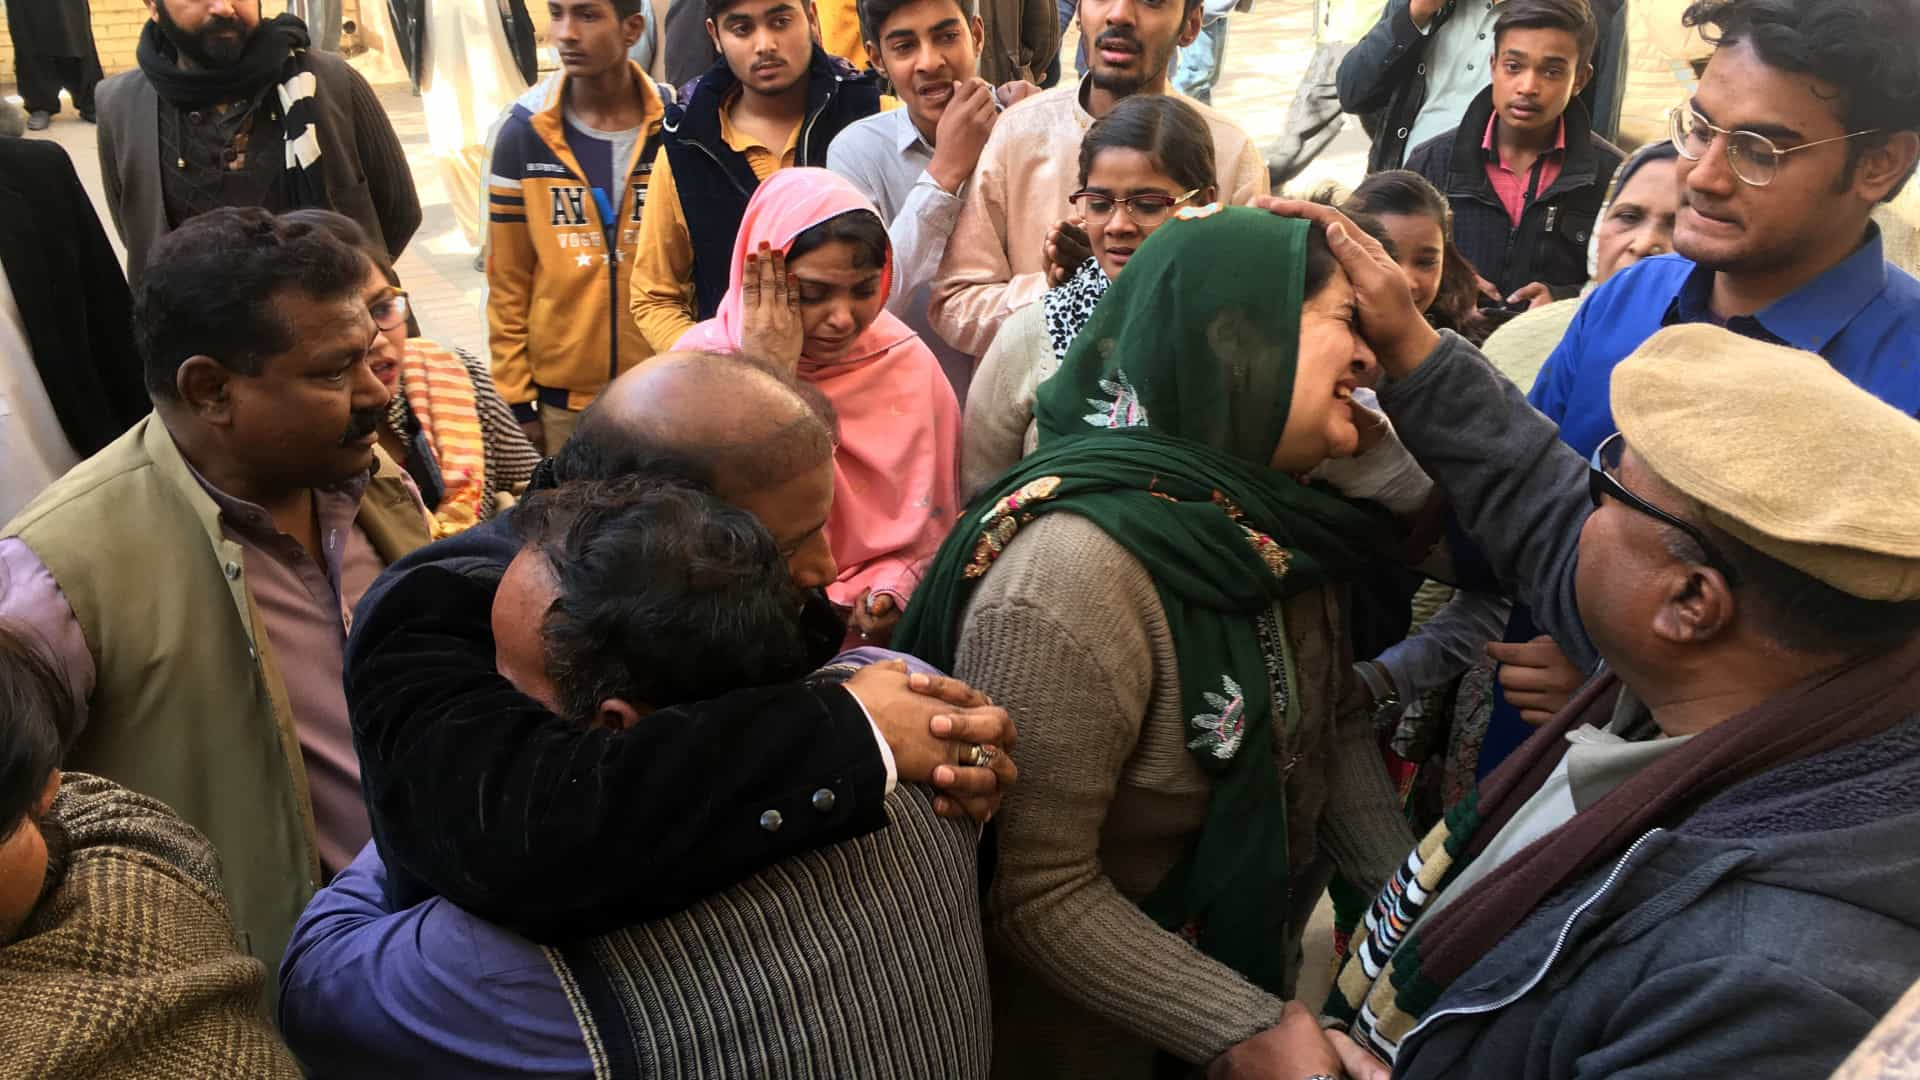 Atentado suicida em igreja no Paquistão deixa cinco mortos